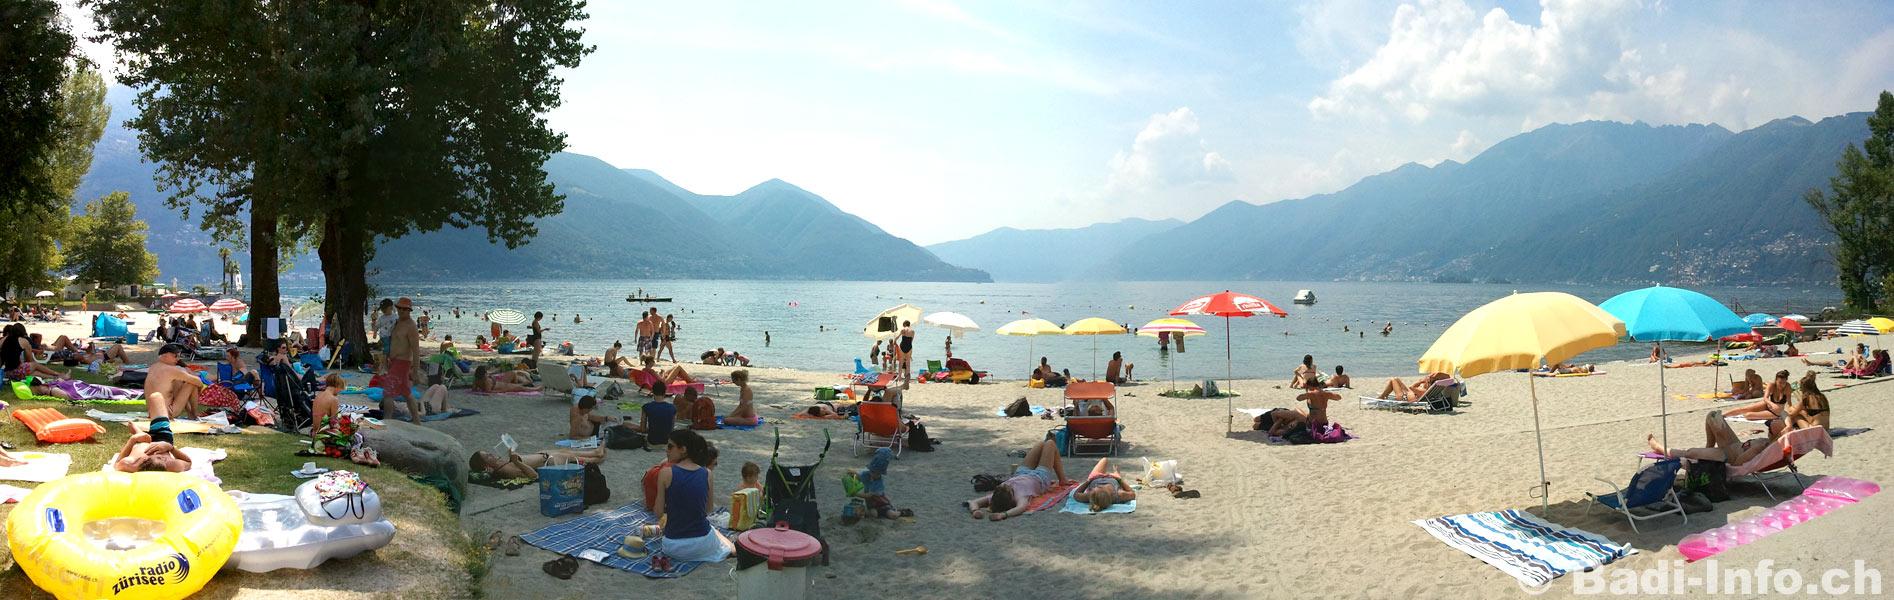 Strandbad von Ascona - «Bagno Pubblico»